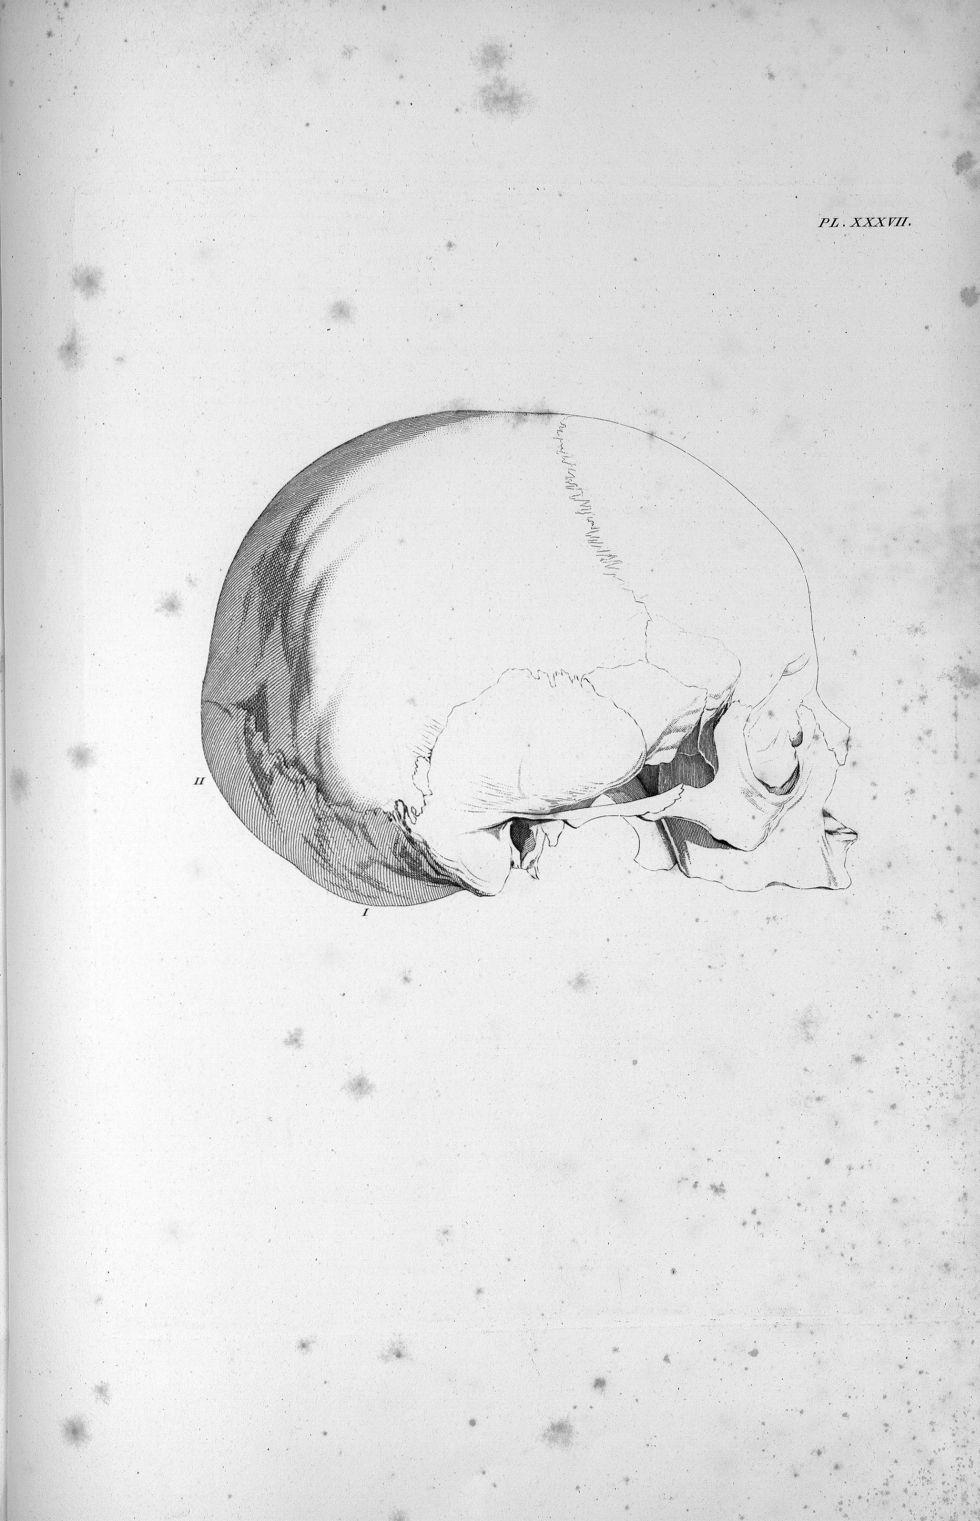 Pl. XXXVII. Crâne d'un garçon de dix à douze ans - Anatomie et physiologie du système nerveux en gén [...] - Anatomie. Neurologie. Crânes. 19e siècle (France) - med00575x02x0369